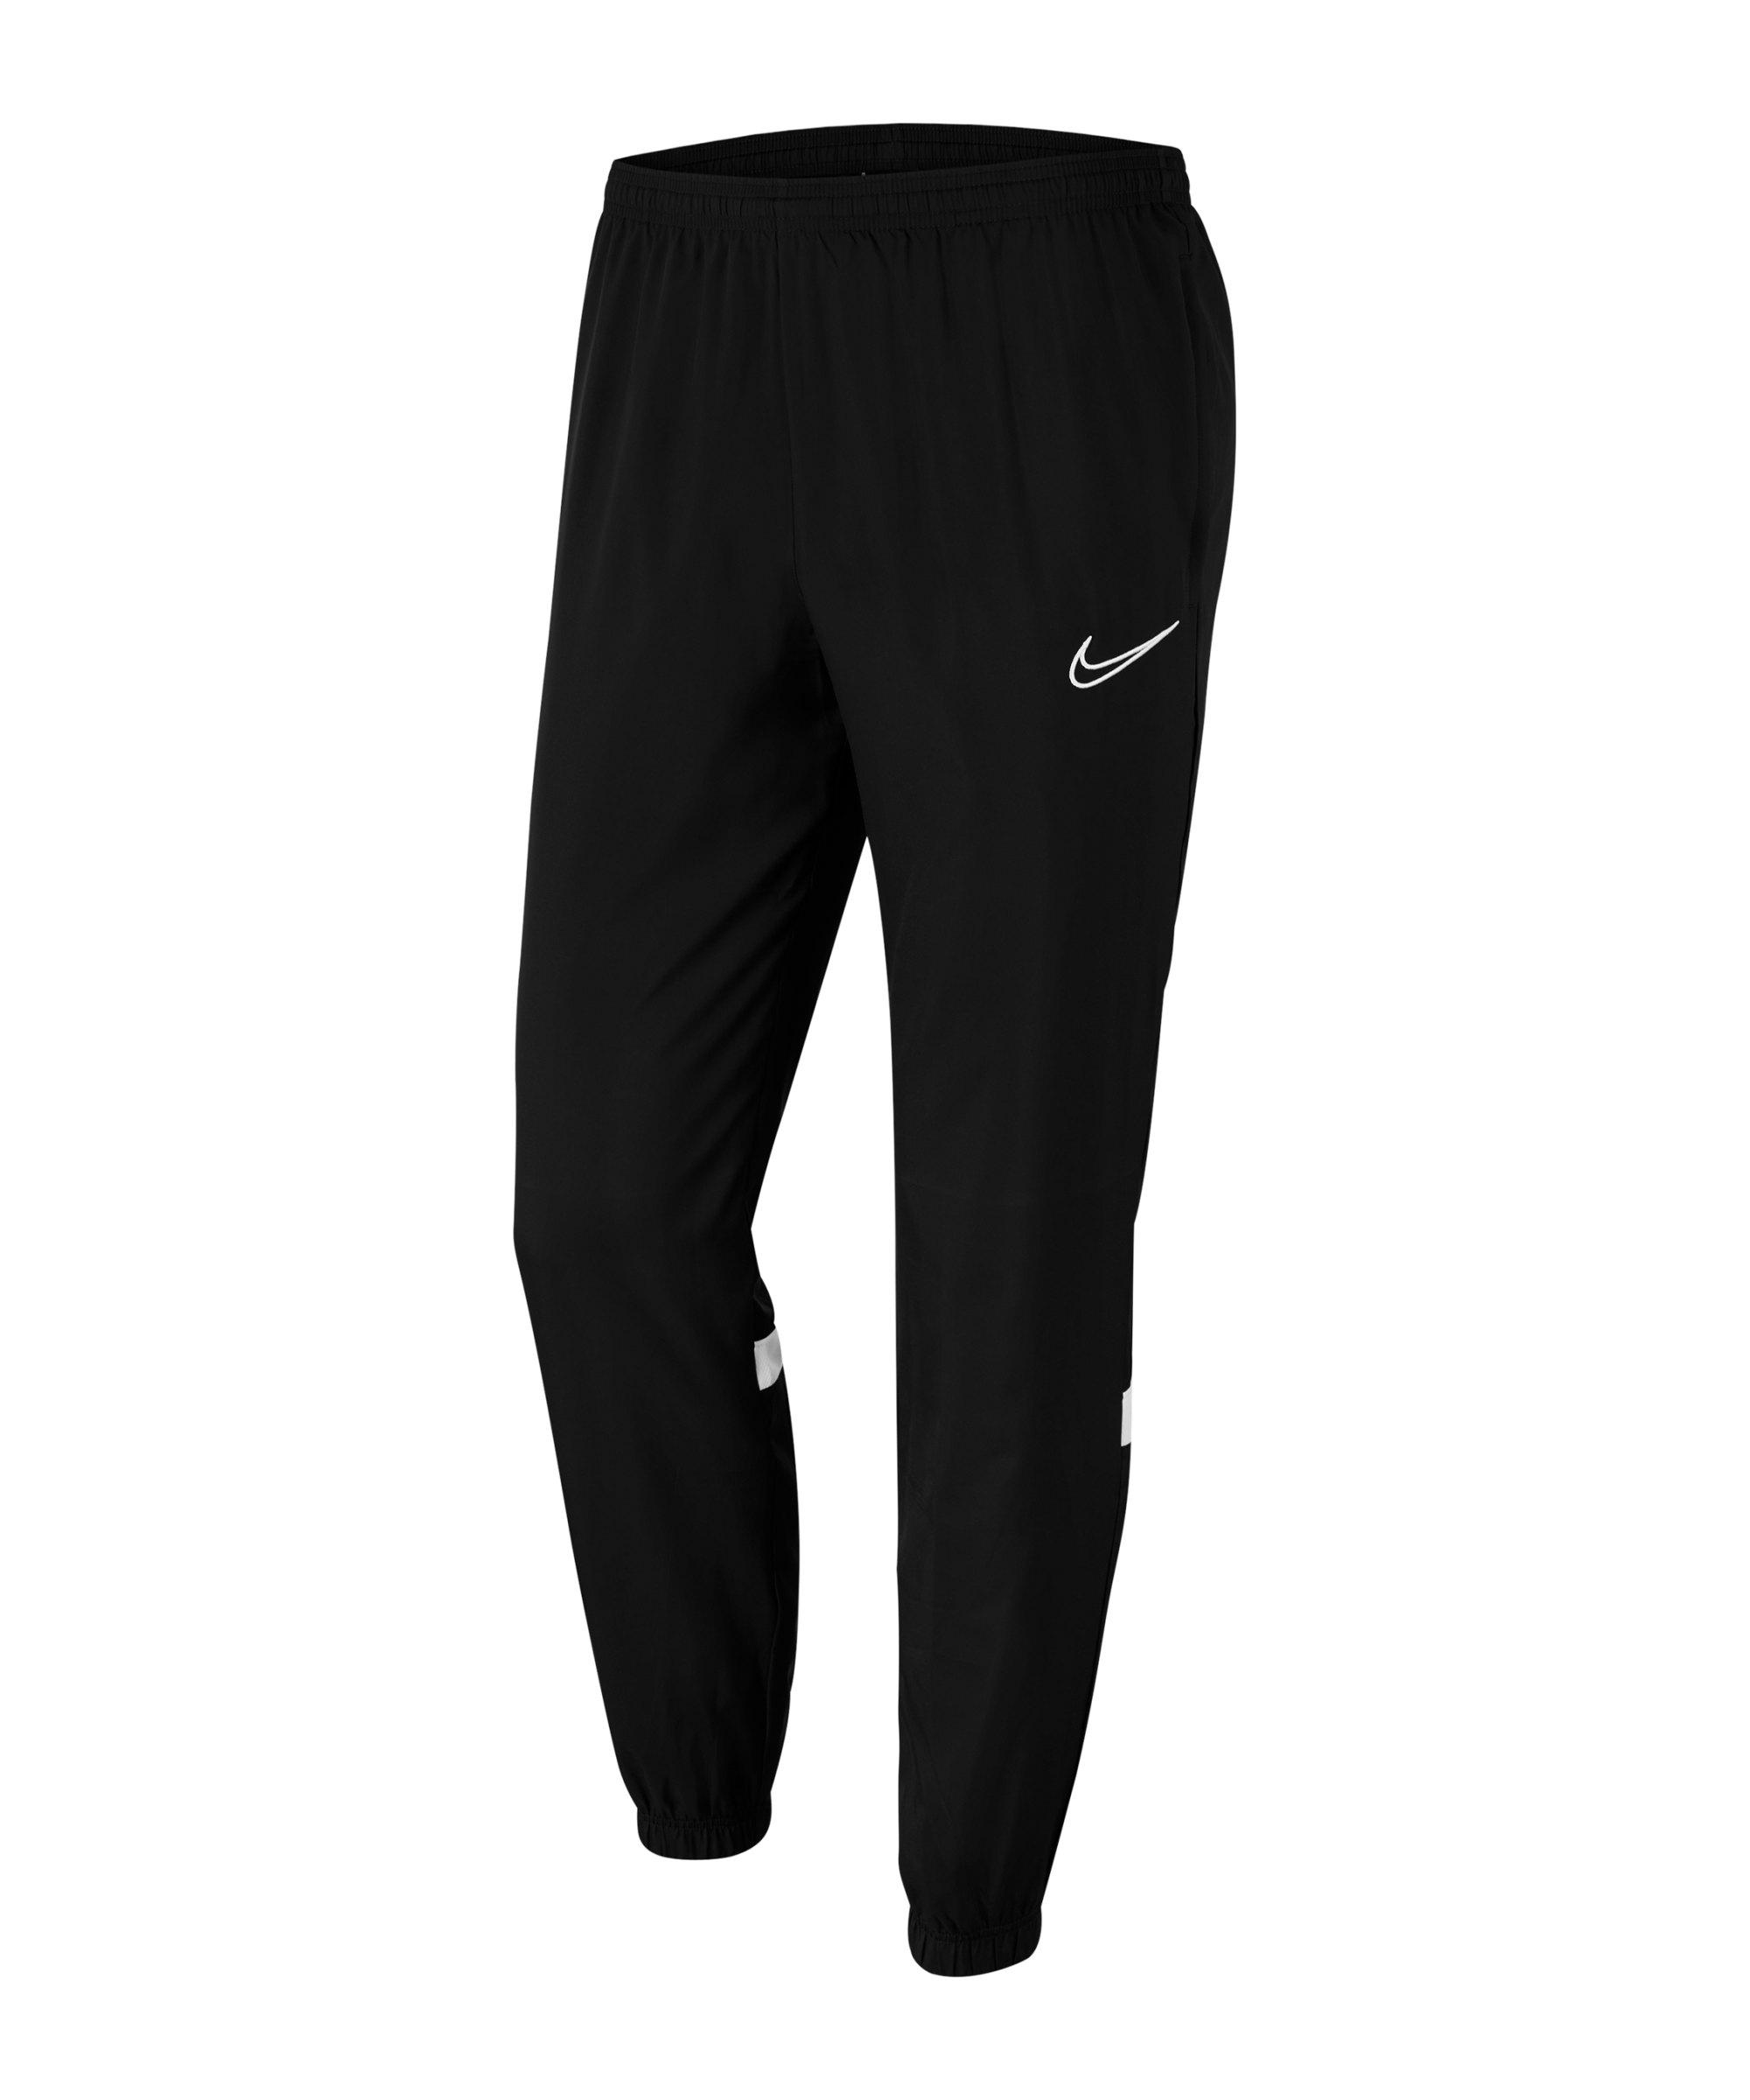 Nike Academy 21 Woven Trainingshose Schwarz F010 - schwarz